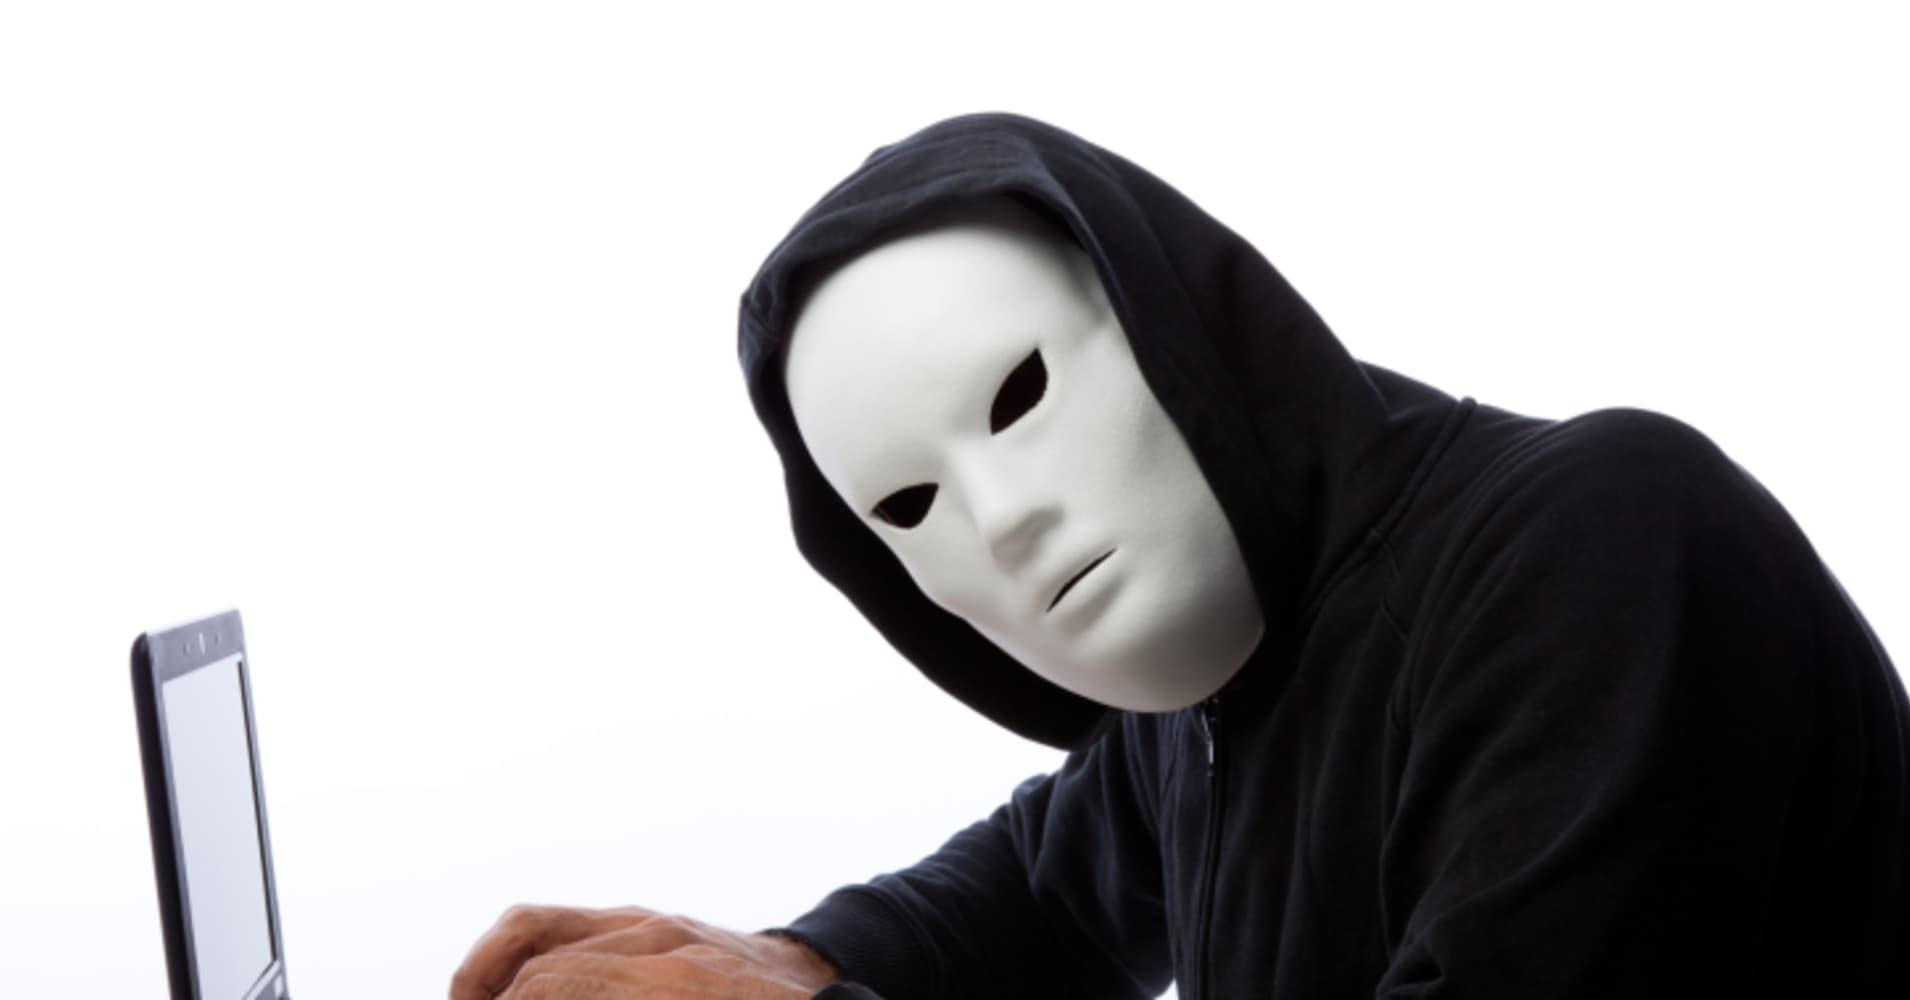 Online dating deception in Melbourne